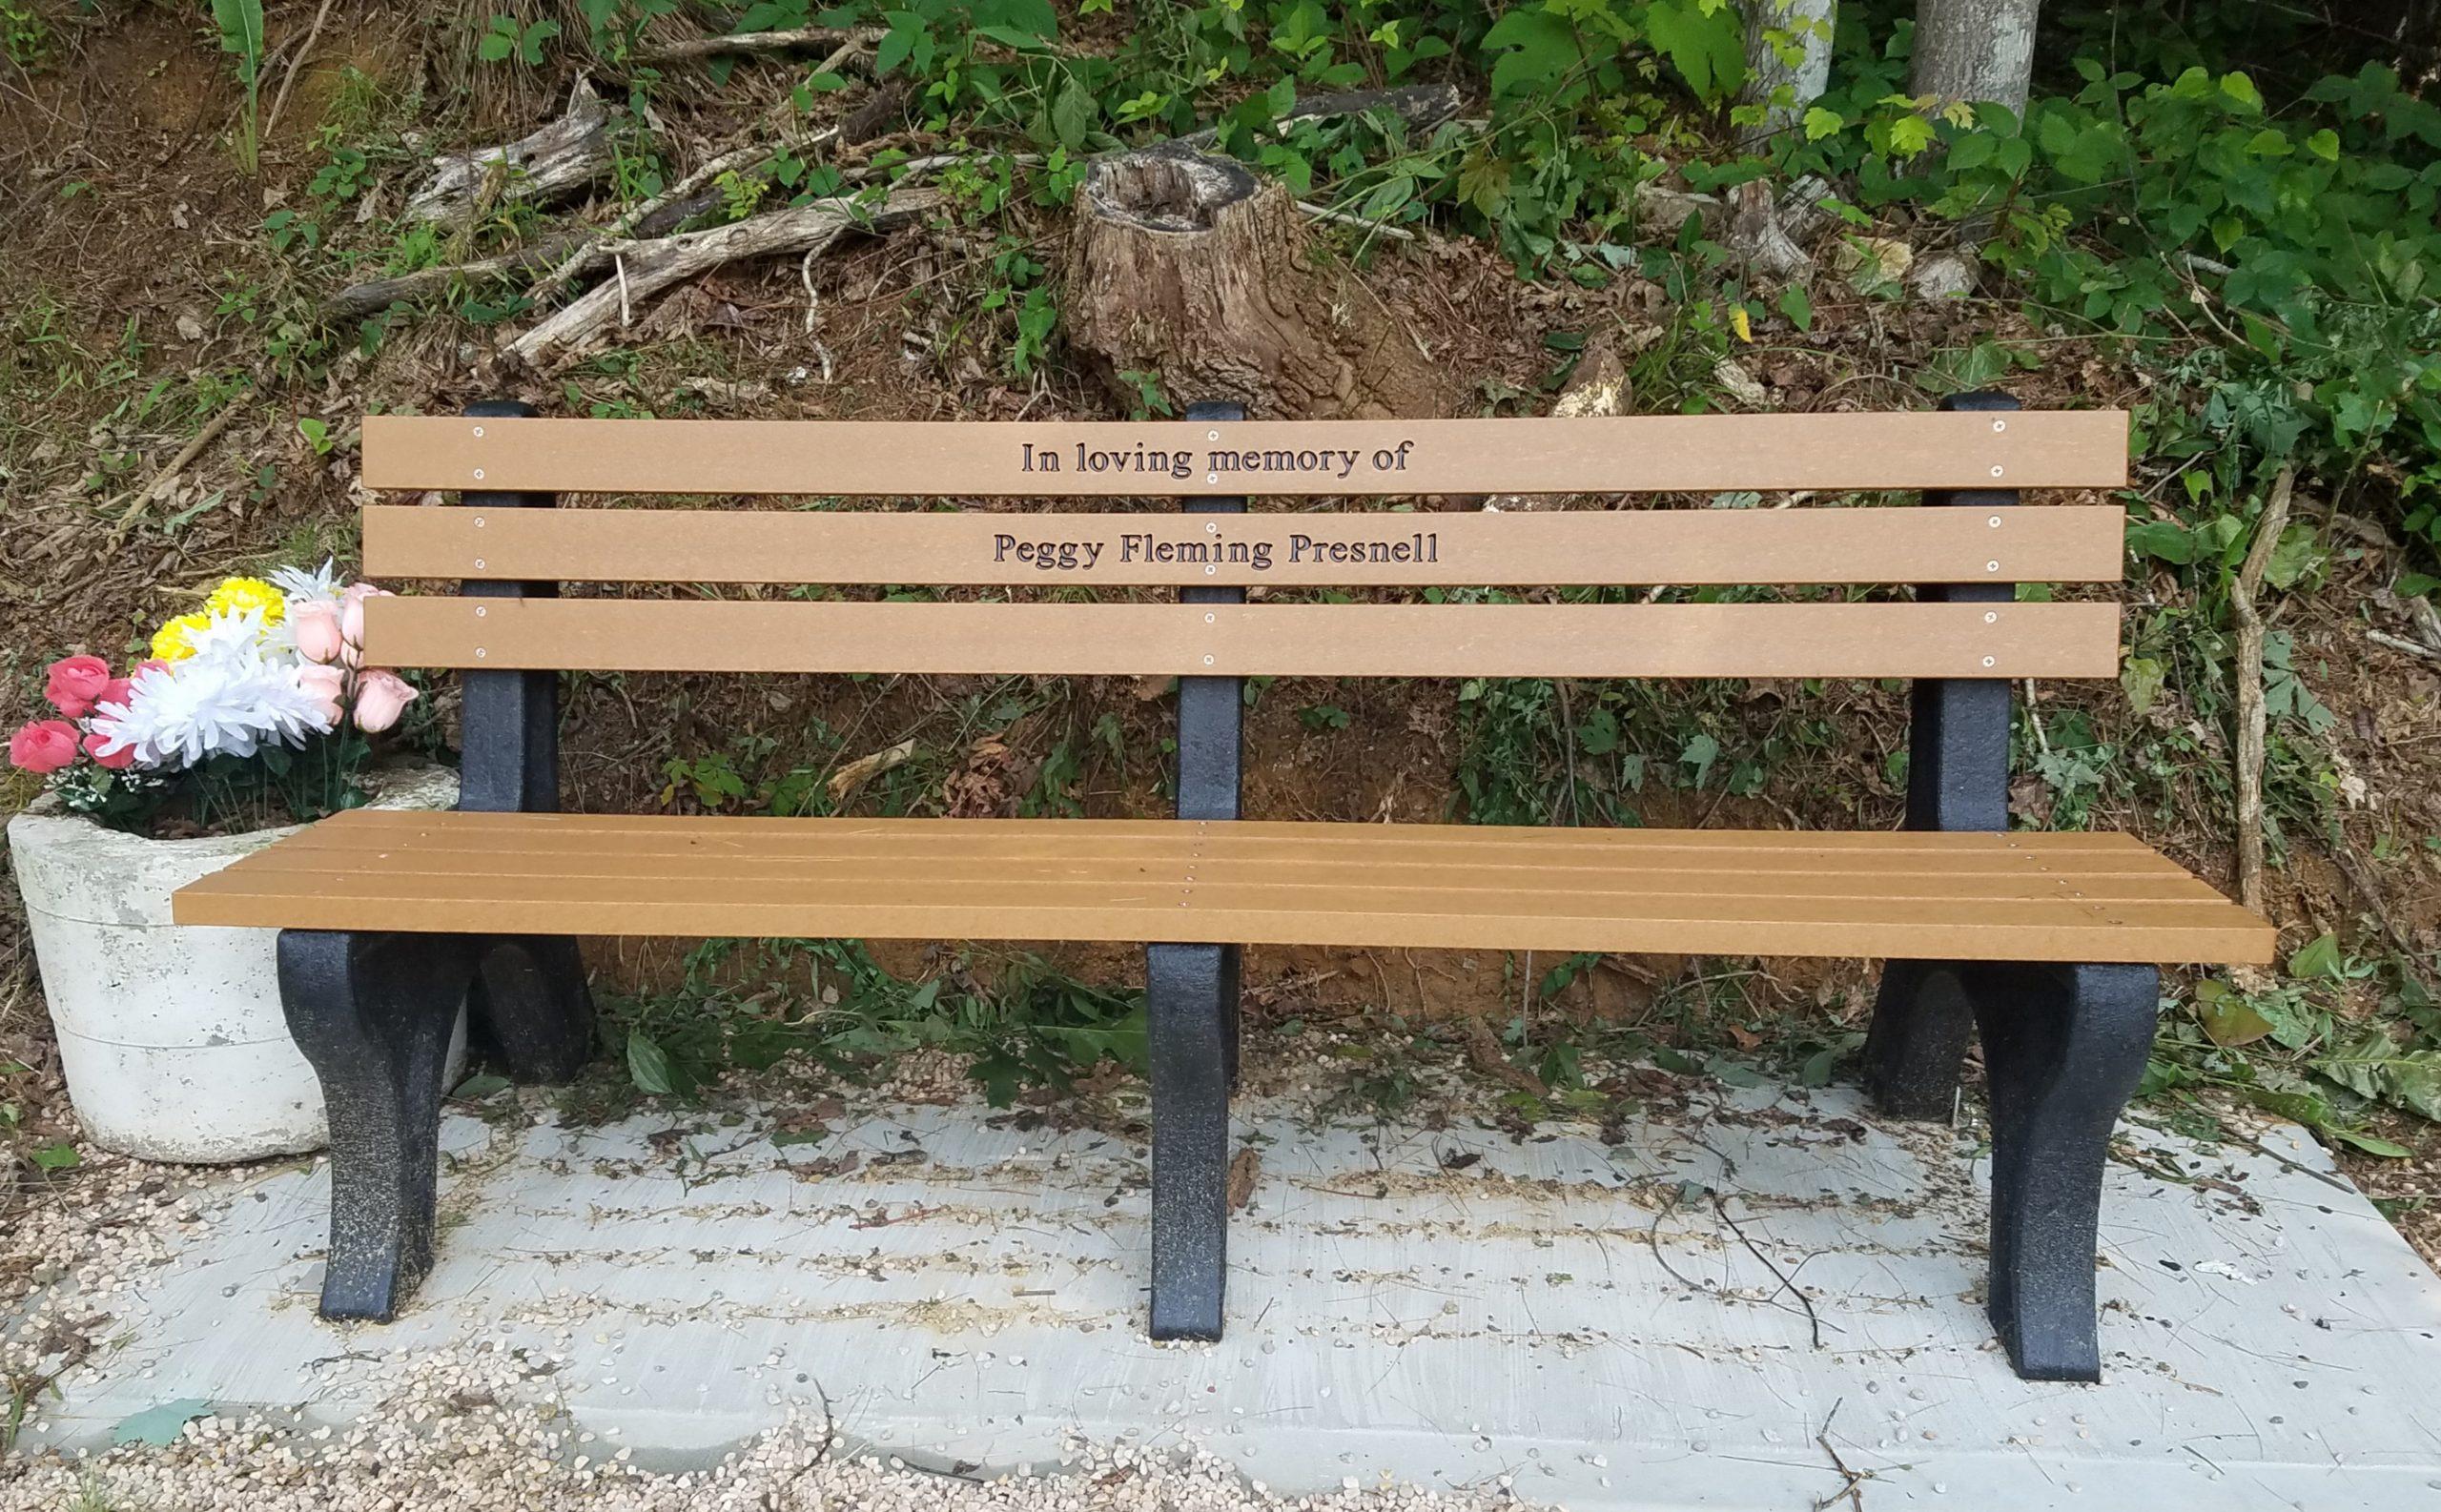 EngravedMemorial Bench